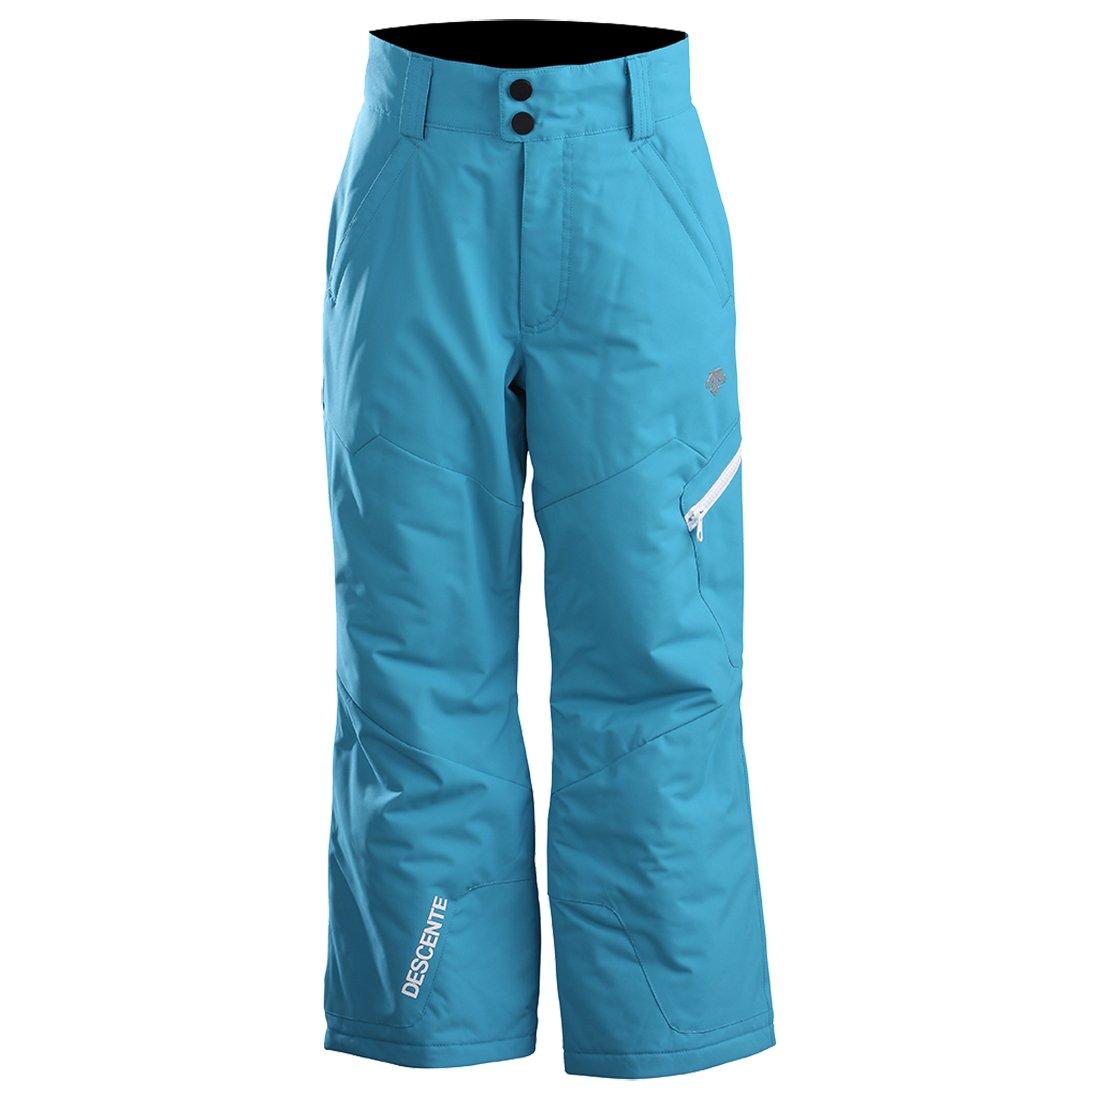 Descente Boy's Peyton Pants Teal Size J8